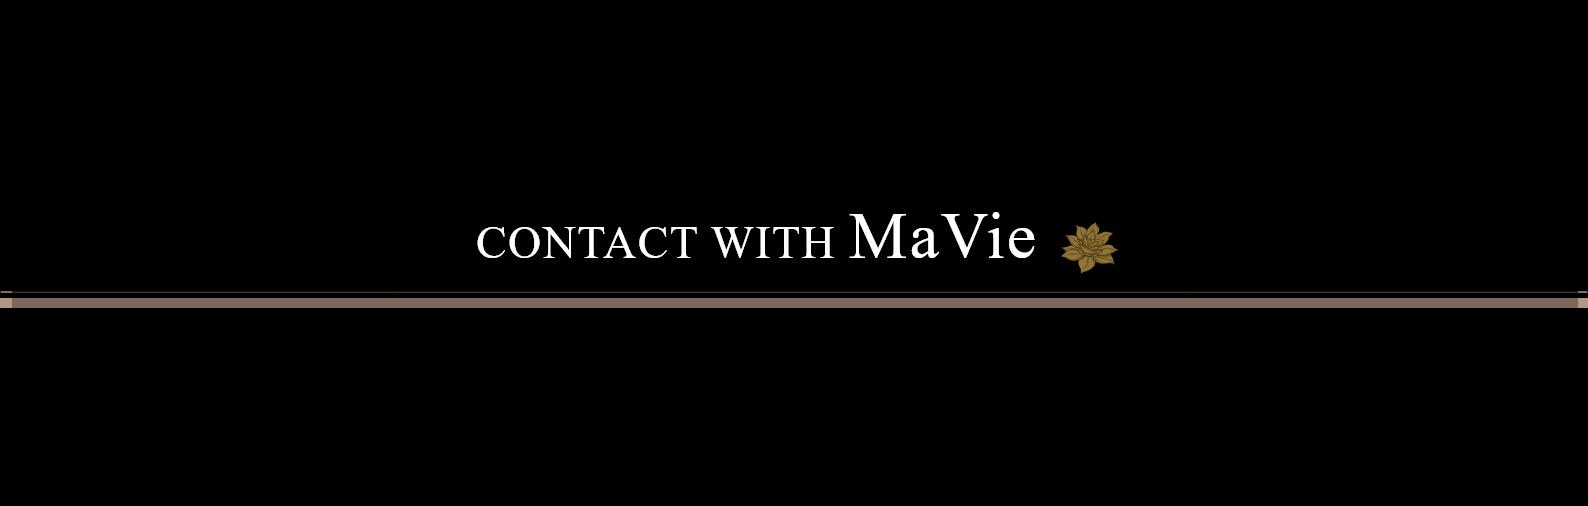 CONTACT WITH MAVIE